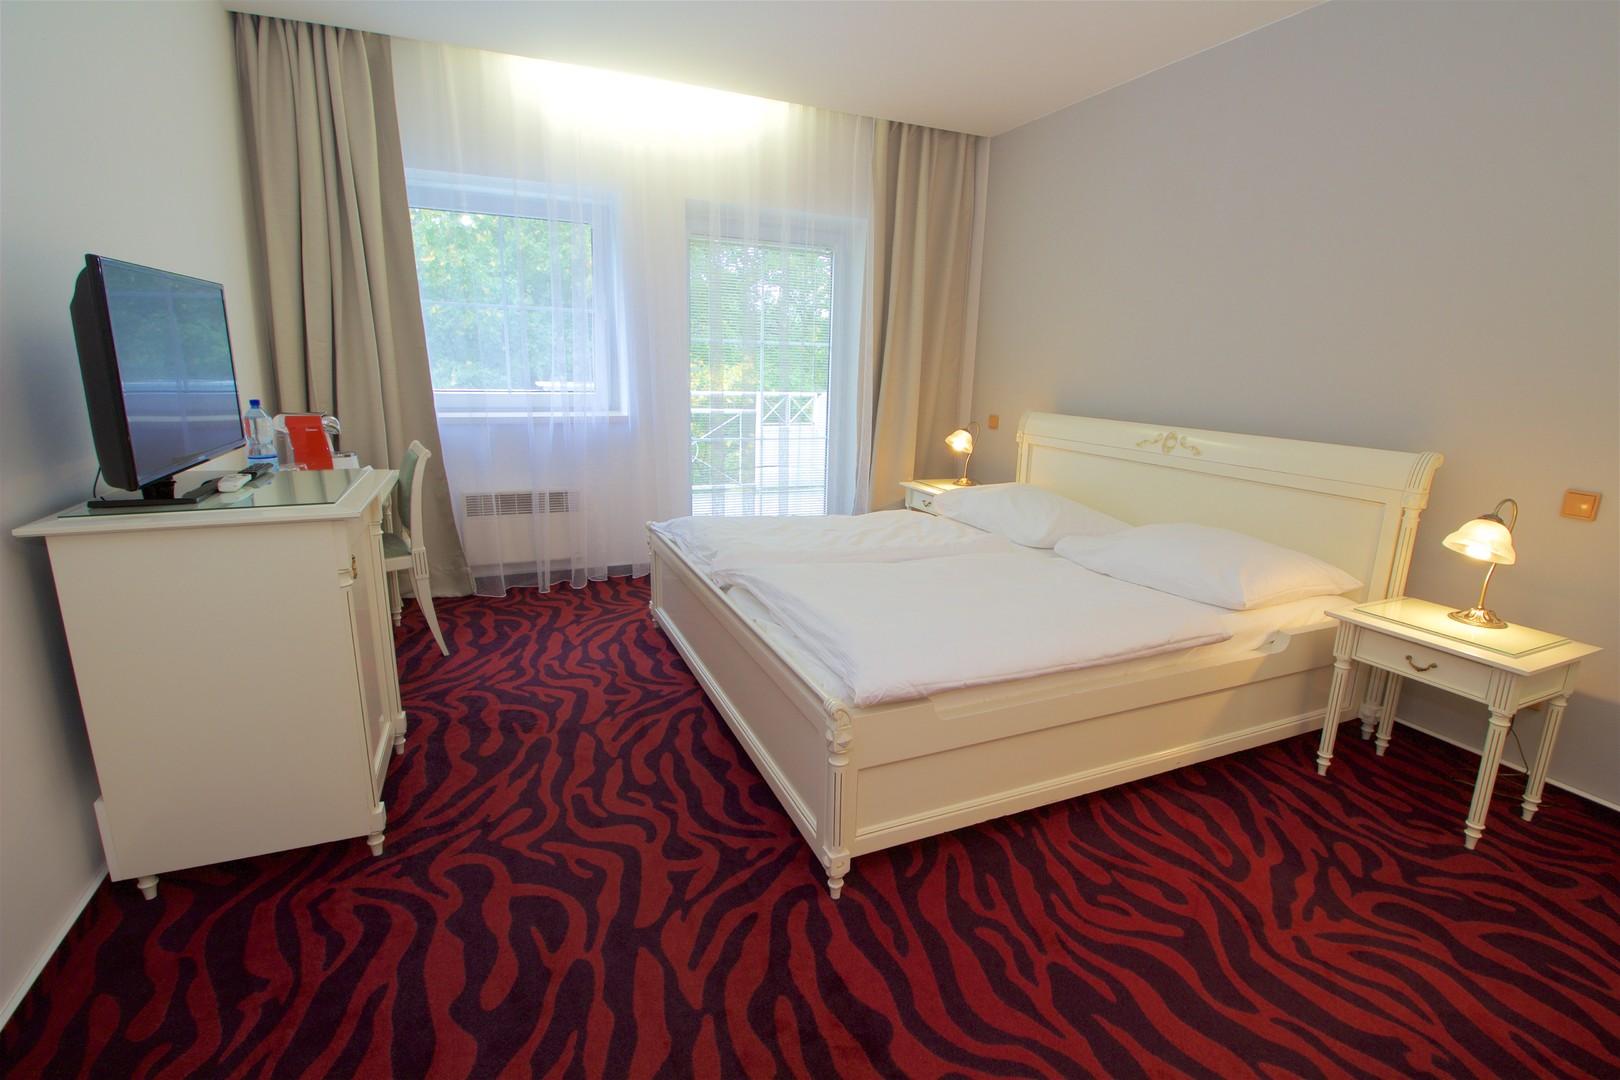 Hotel Galant (My hotel) #2